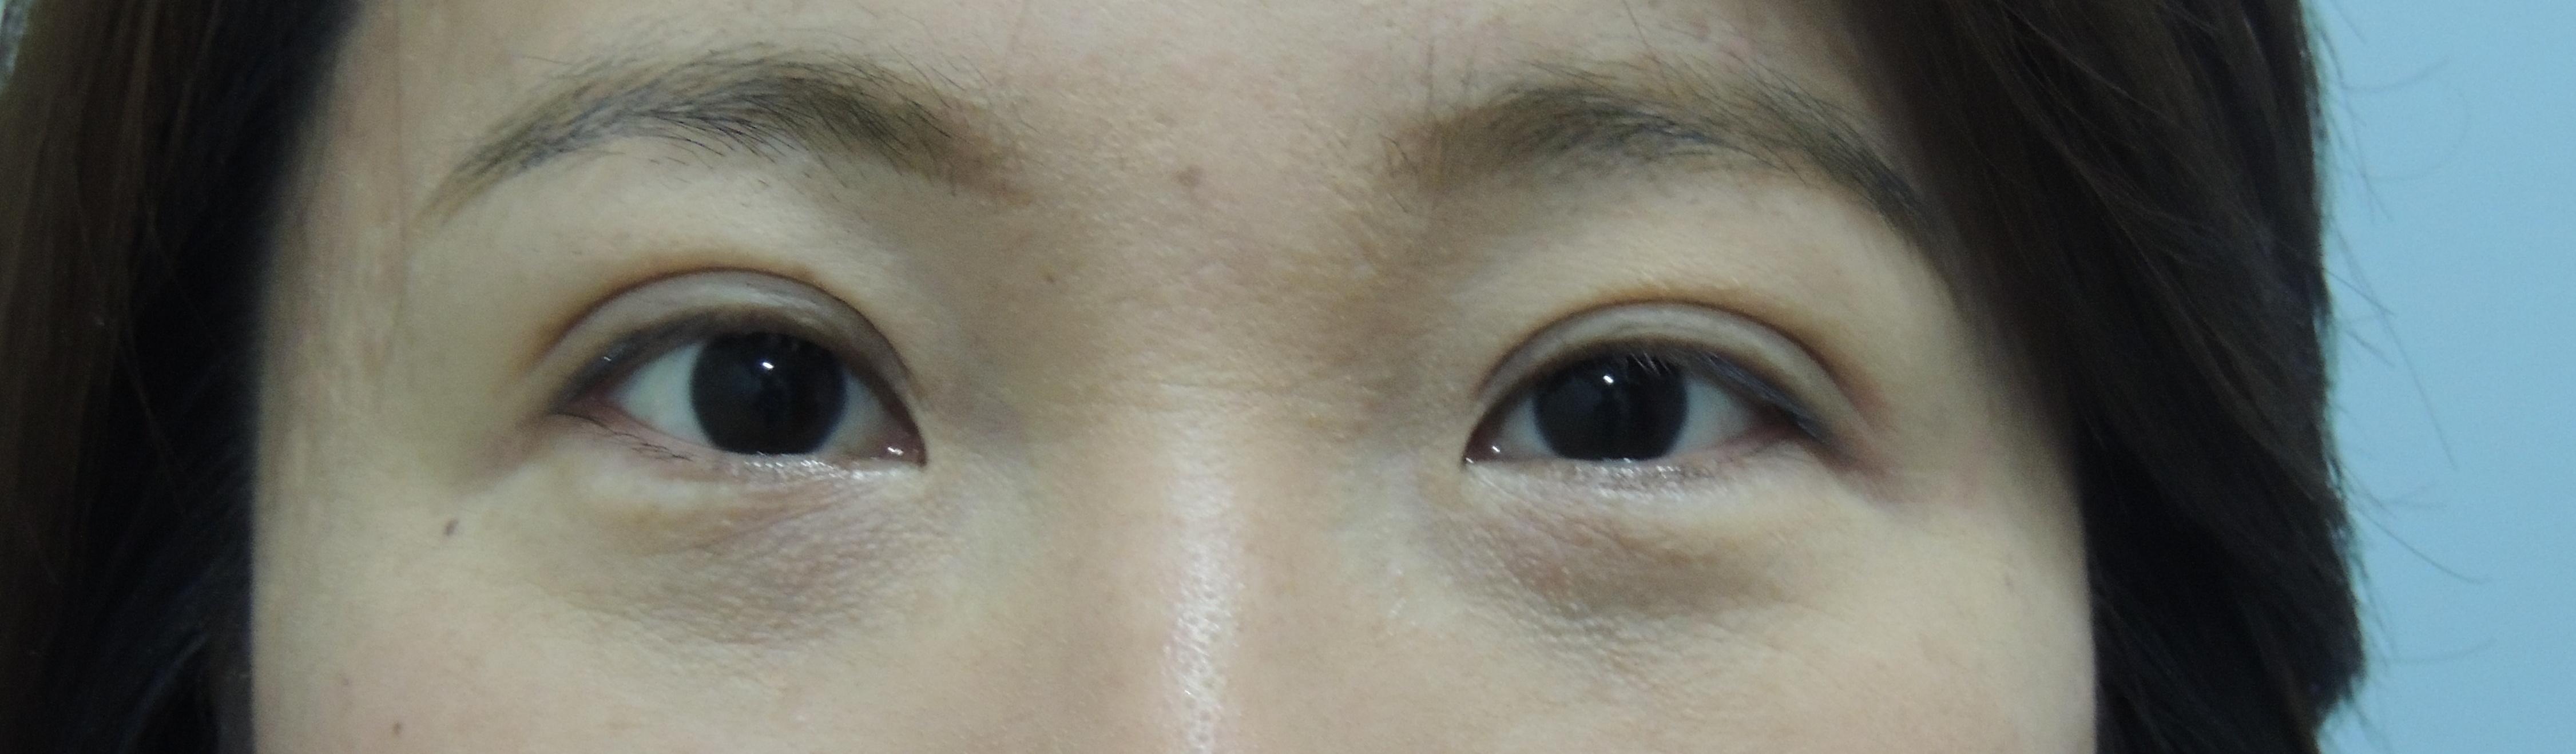 訂書針縫雙眼皮